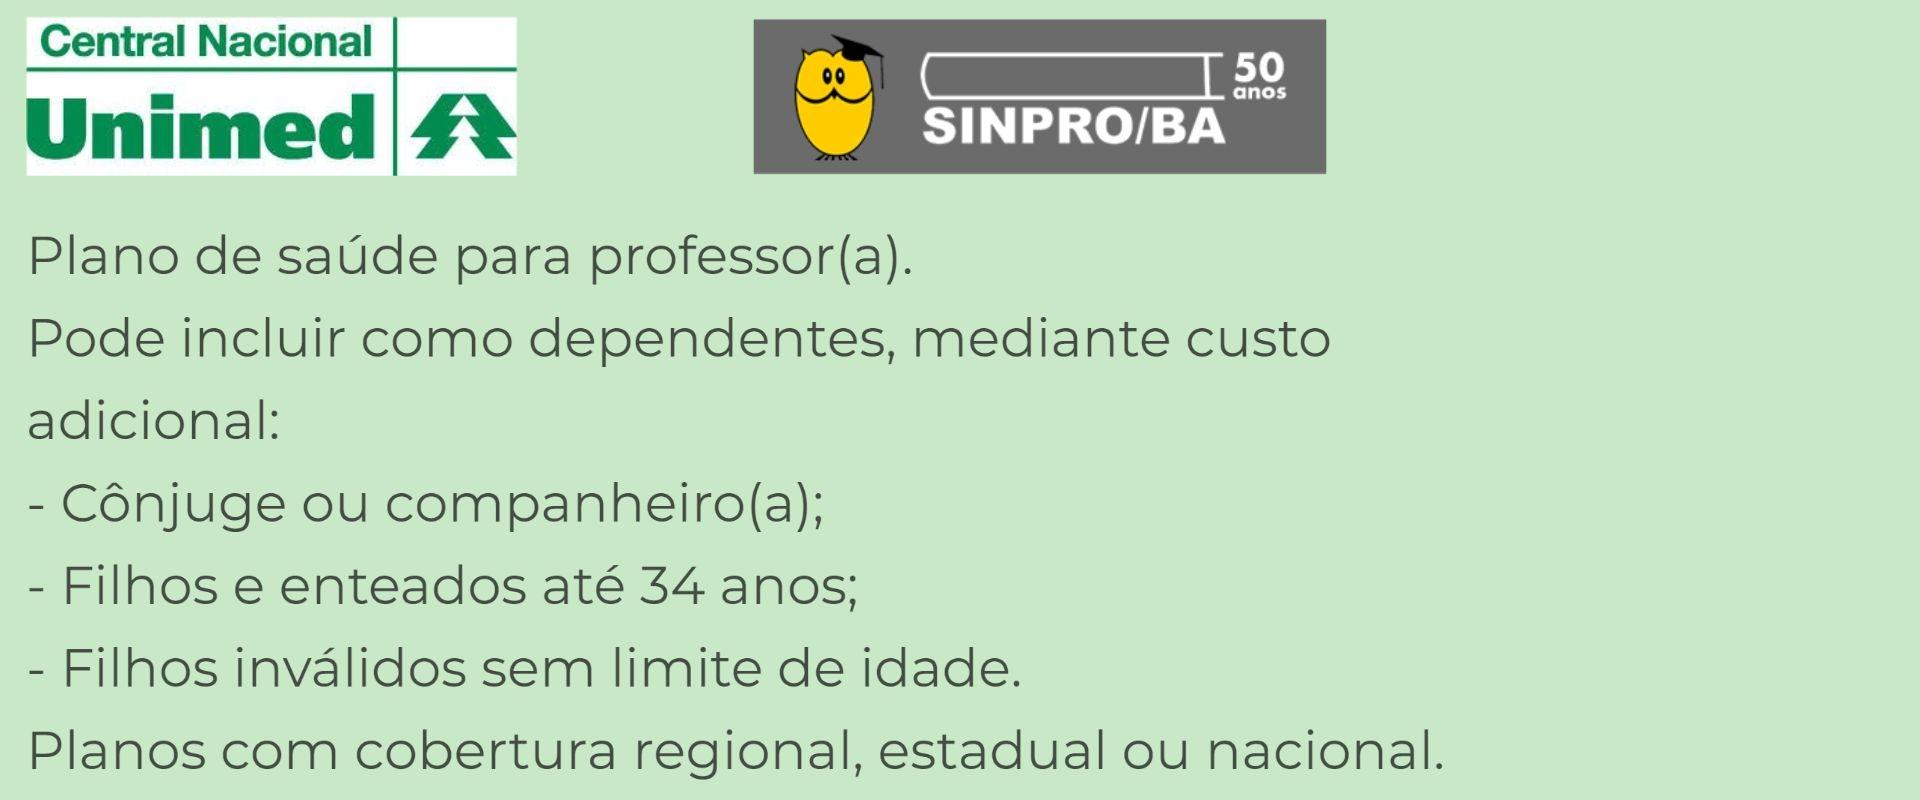 Unimed Sinpro-BA